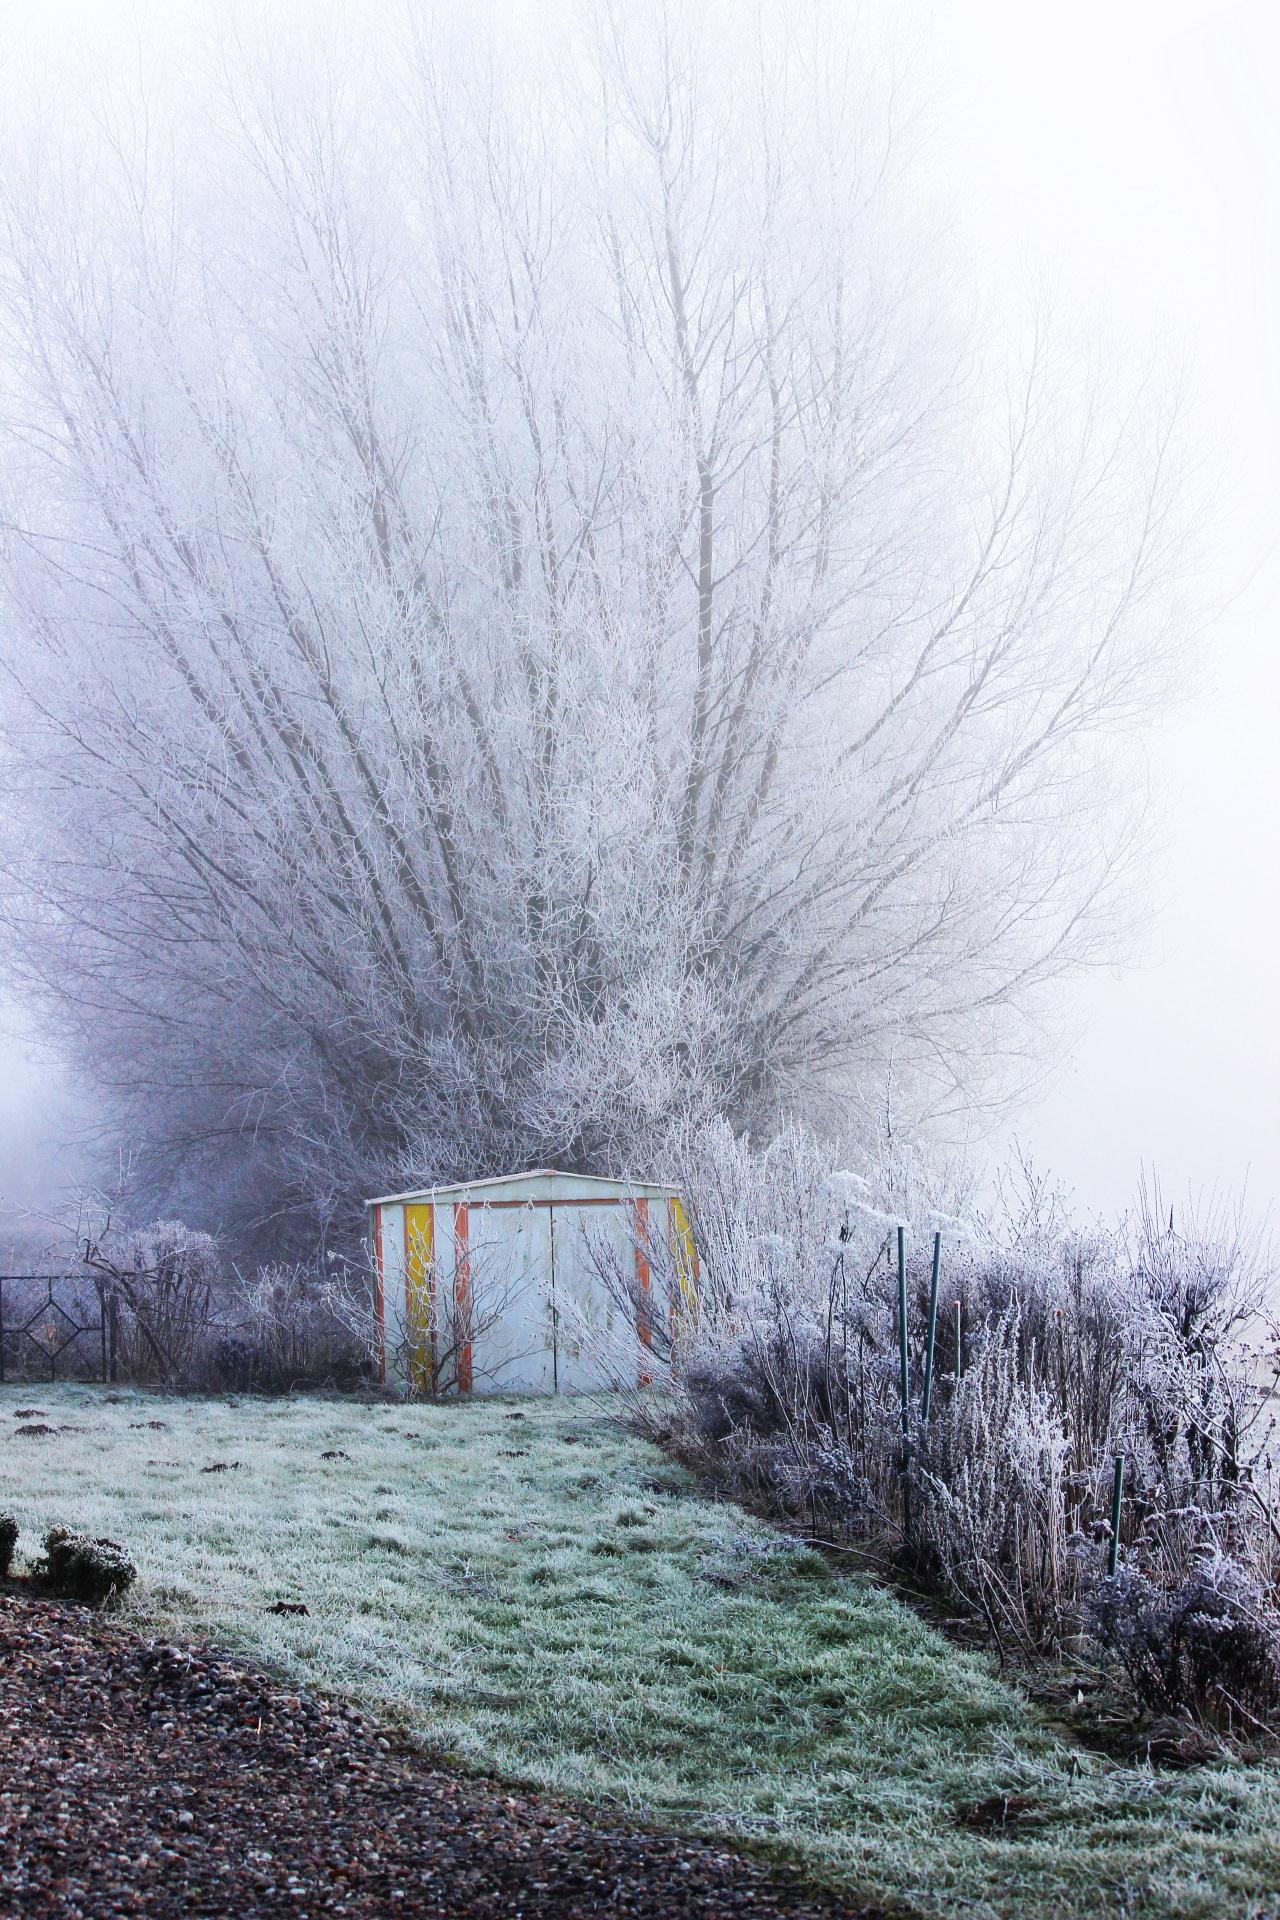 Foto: *Tiefgründiger künstlerischer Bildtitel meines Gartens*